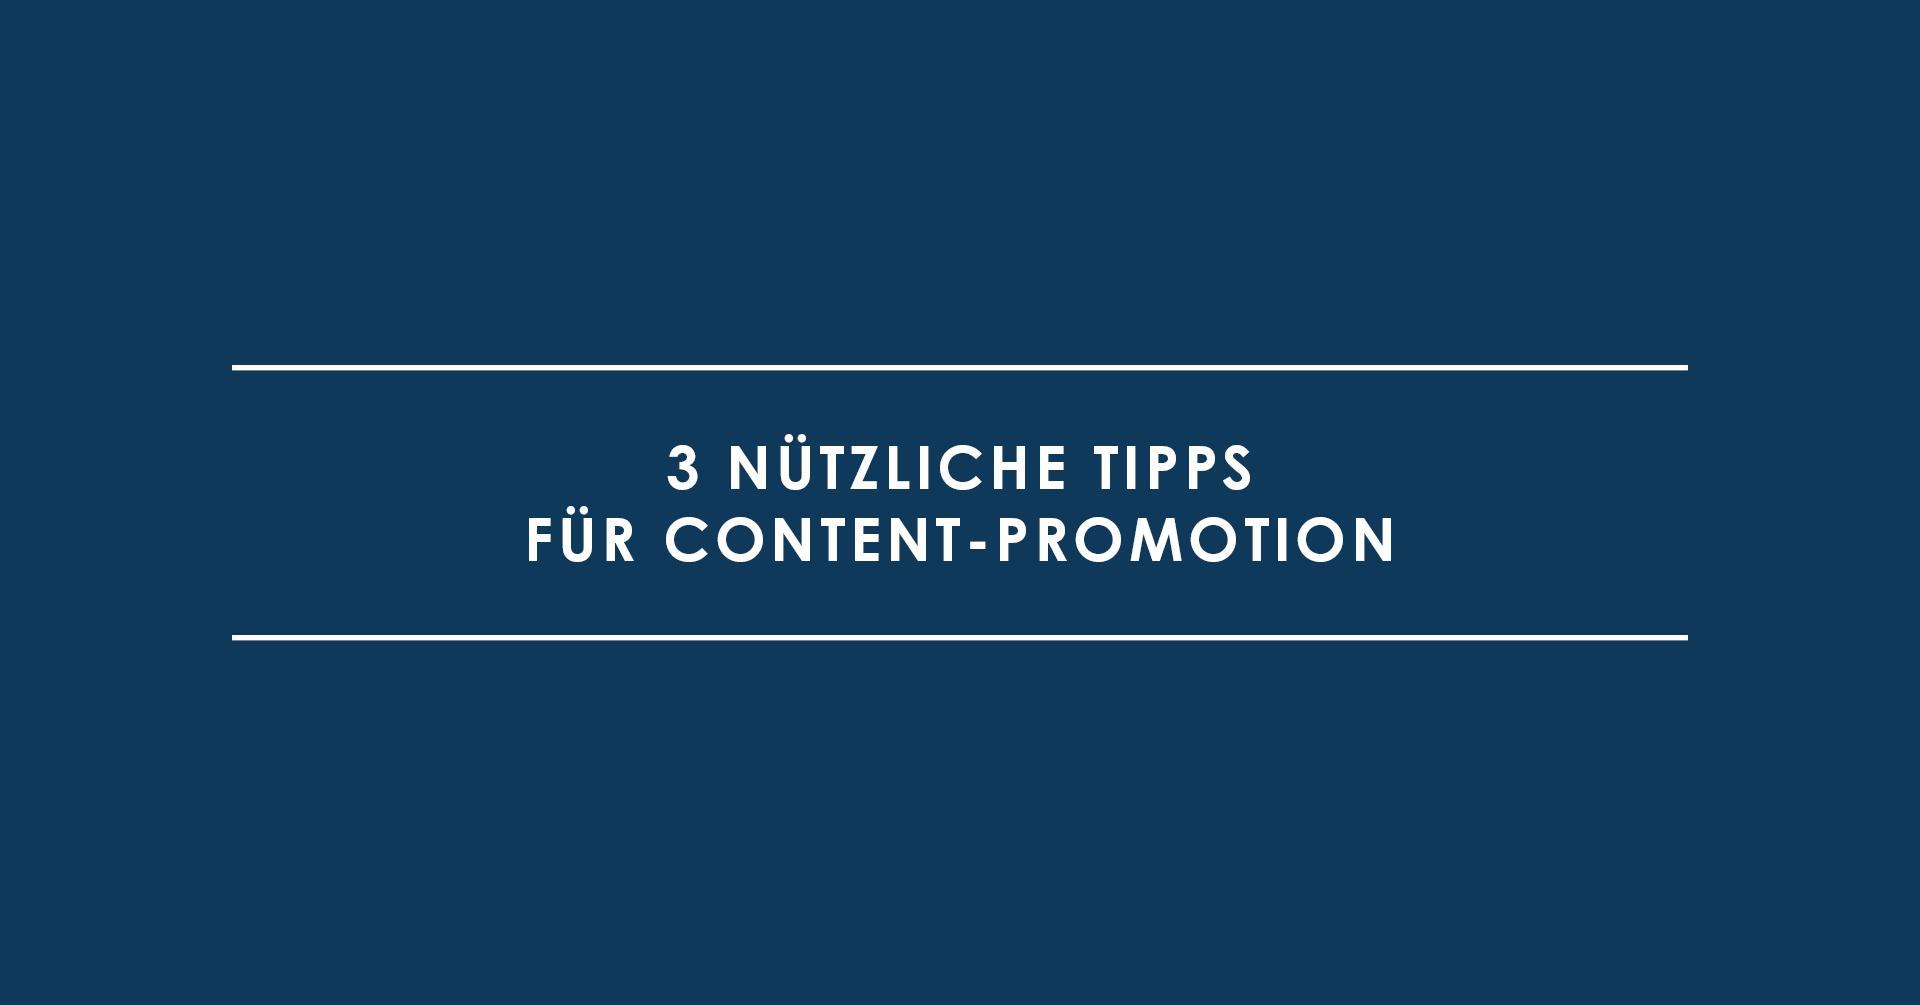 3 nützliche Tipps für Content-Promotion